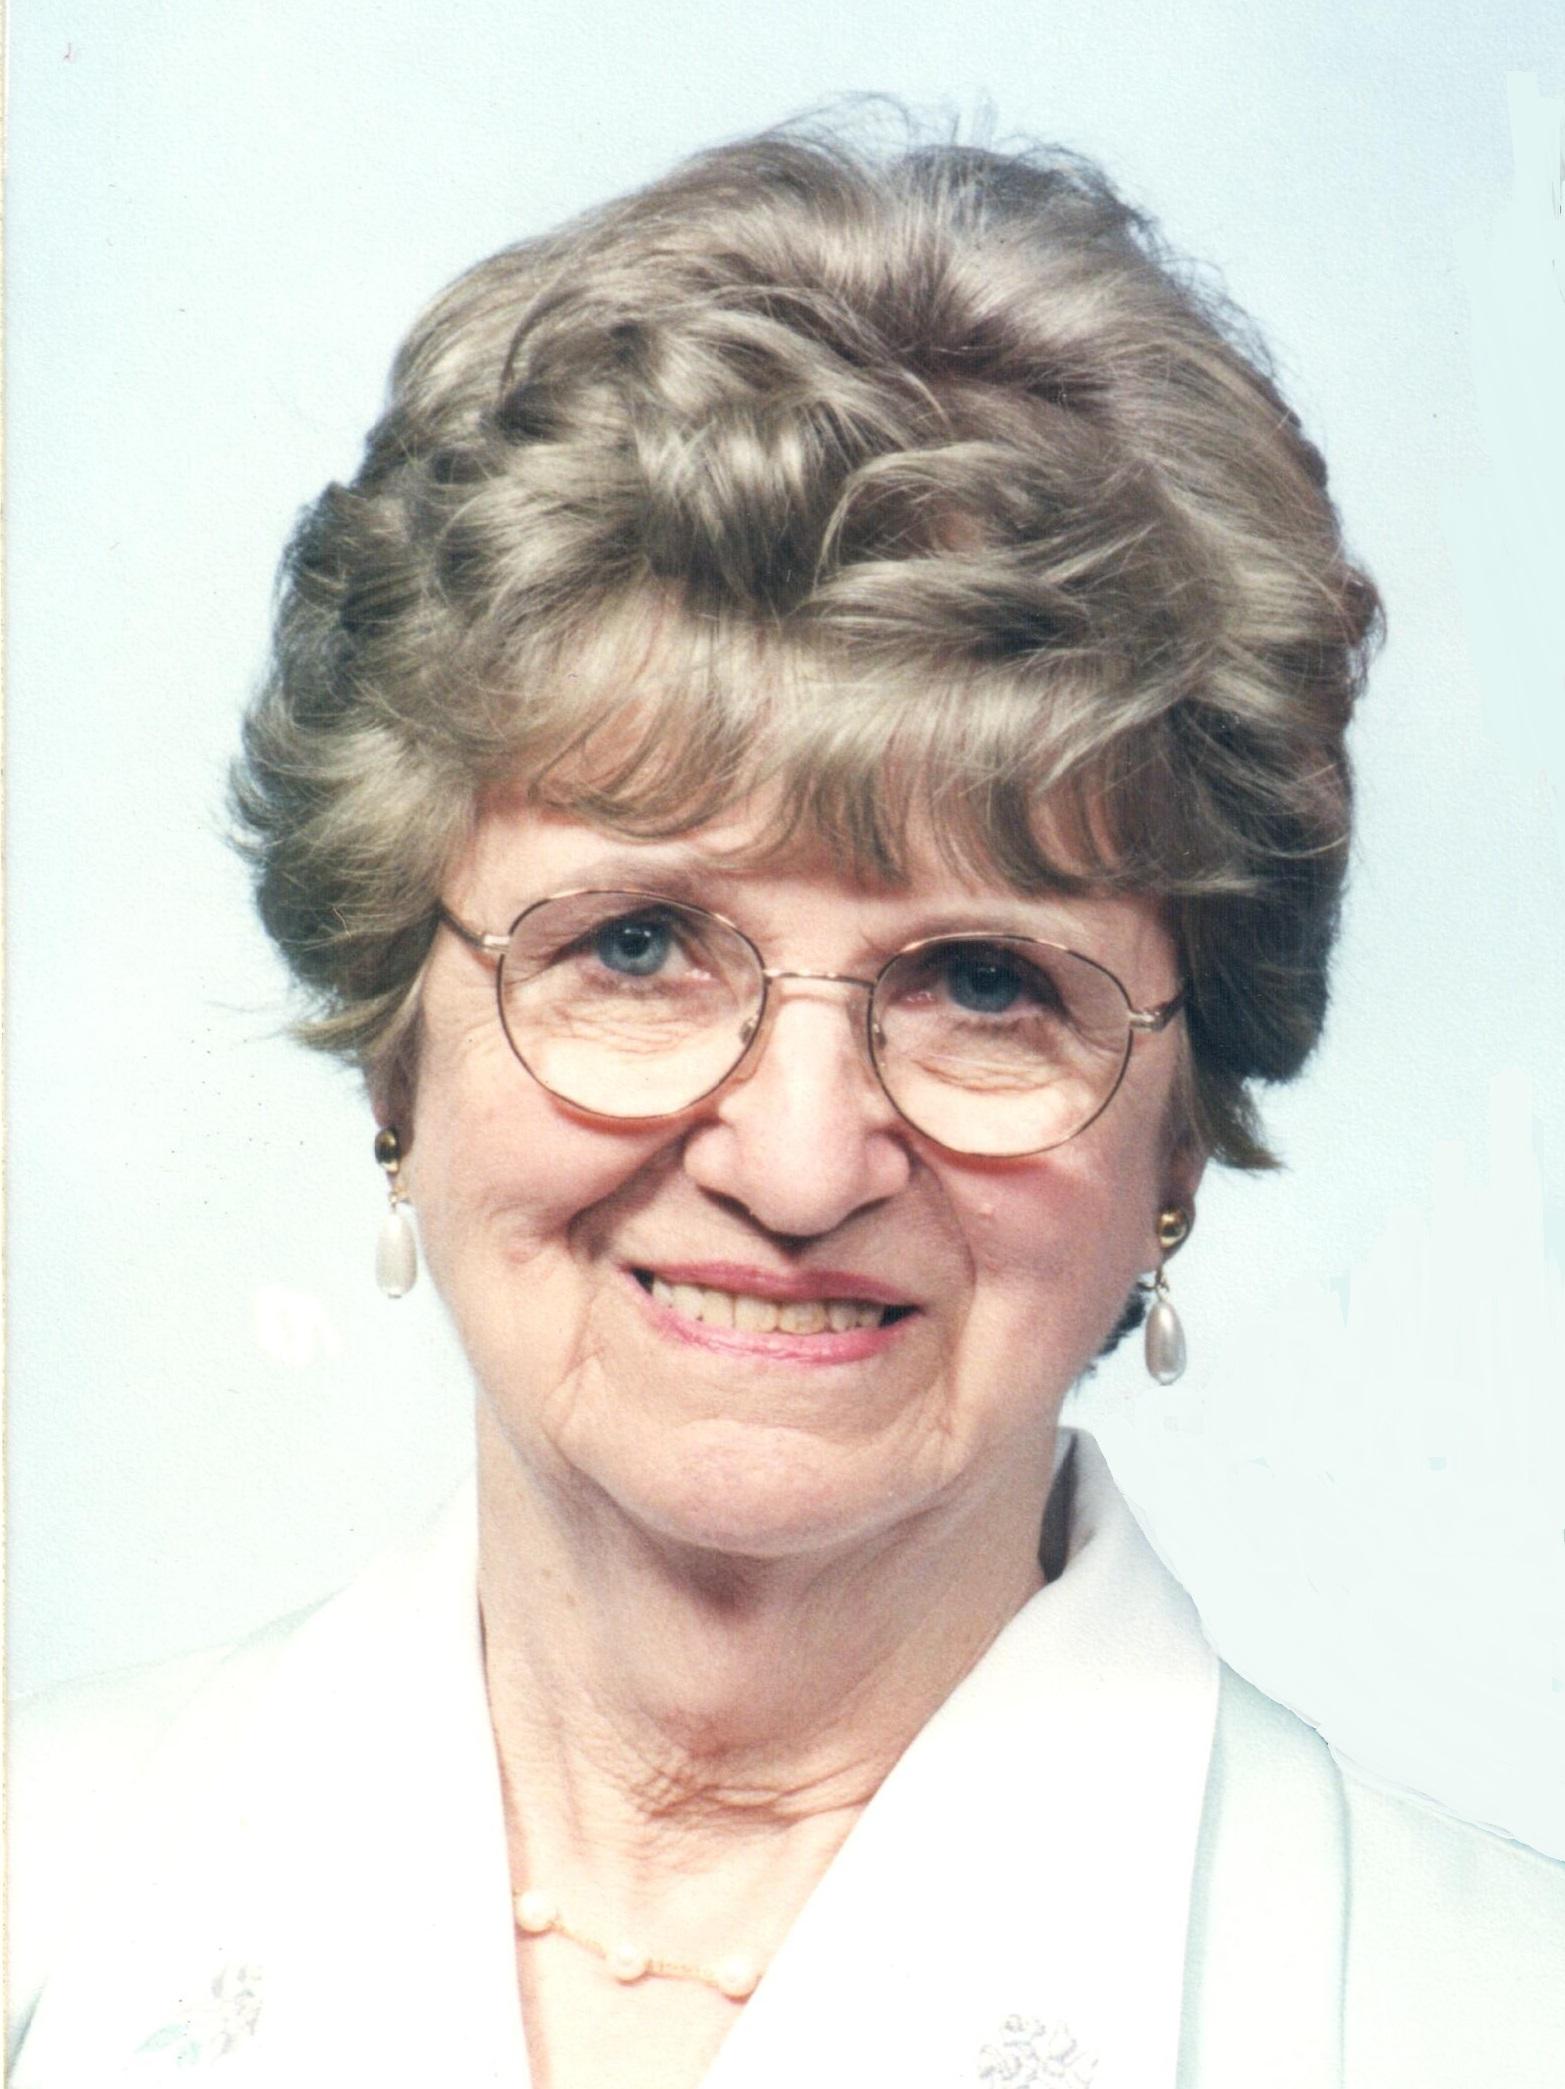 Rosalie C. Streicher, age 90 of Jasper